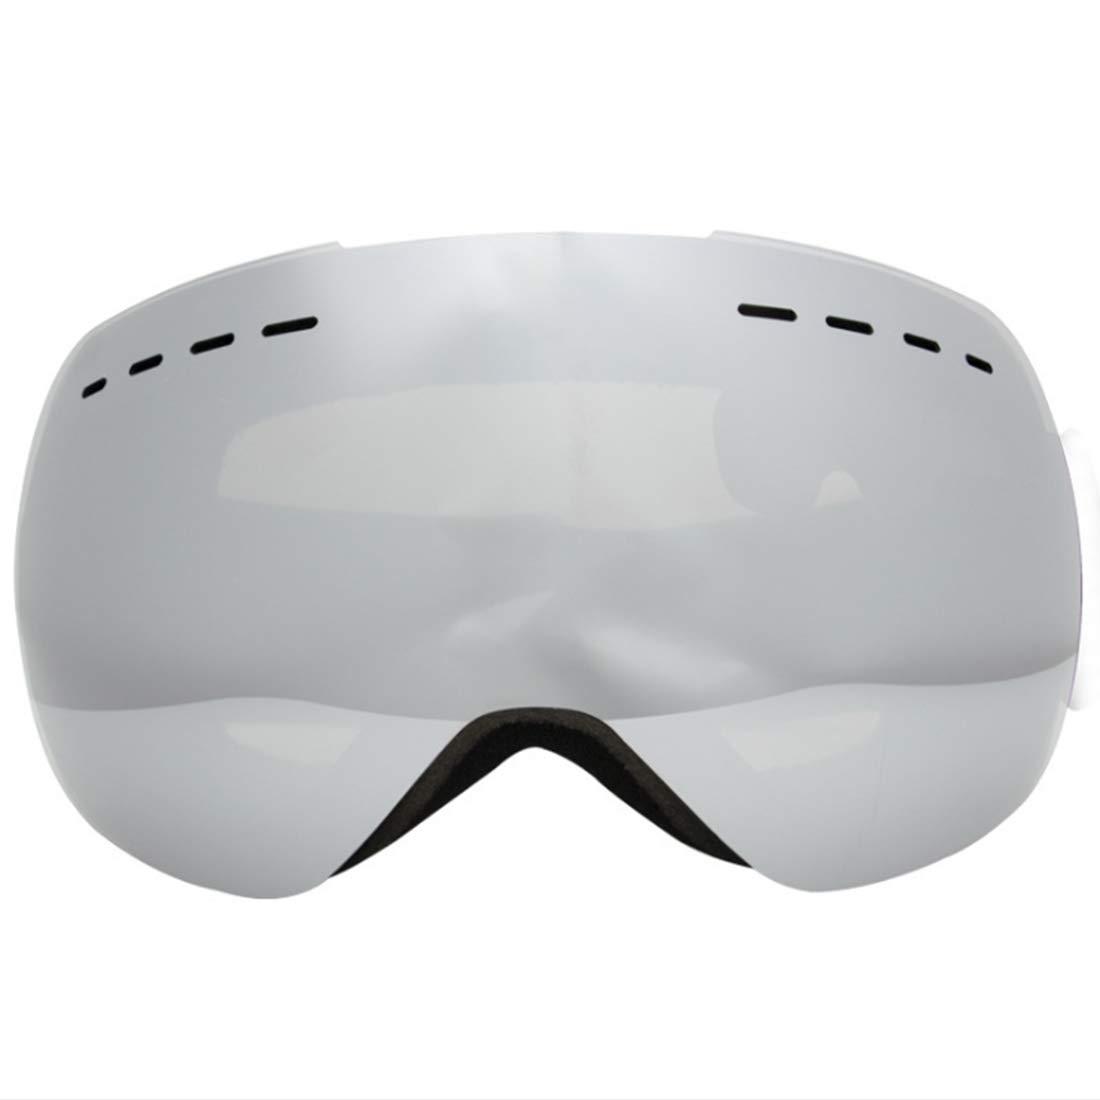 KERVINFENDRIYUN YY4 Gafas de esquí, Snowboard de Invierno, Deportes de Nieve Sobre Gafas Gafas con Lentes antivaho de protección UV Doble (Color : 01) Deportes de Nieve Sobre Gafas Gafas con Lentes antivaho de protección UV Doble (Color : 01)